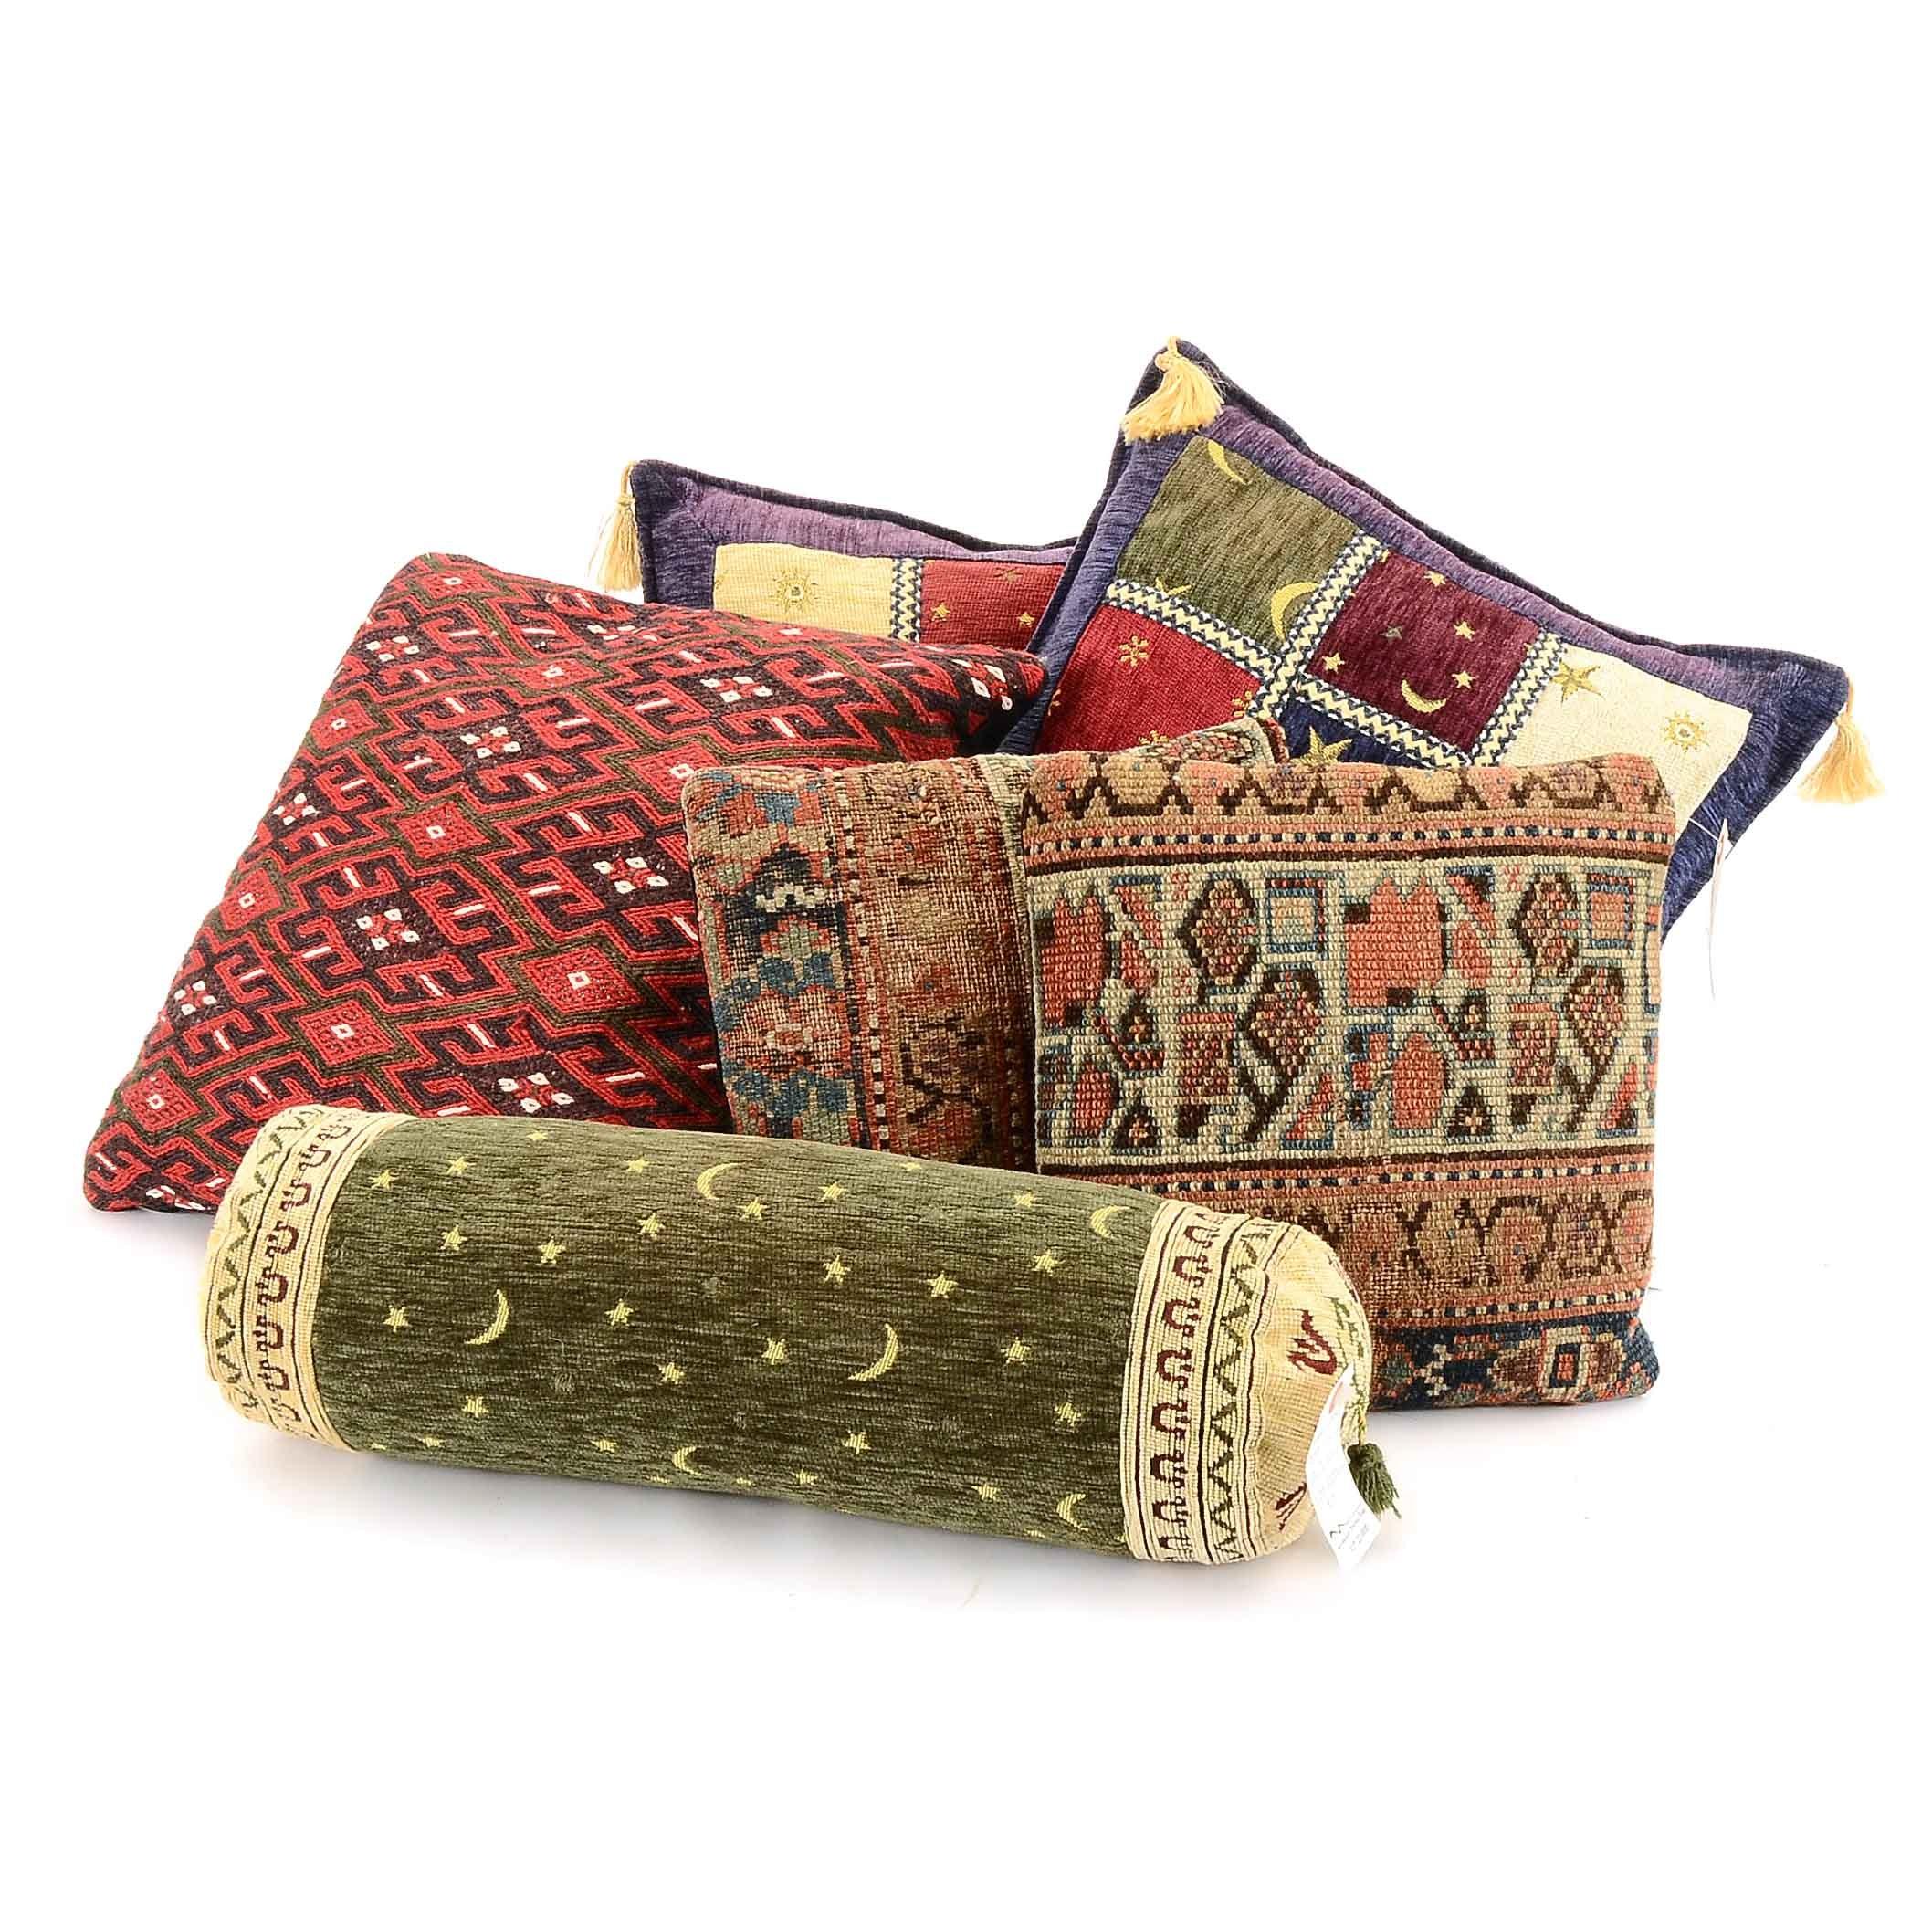 Assortment of Decorative Throw Pillows